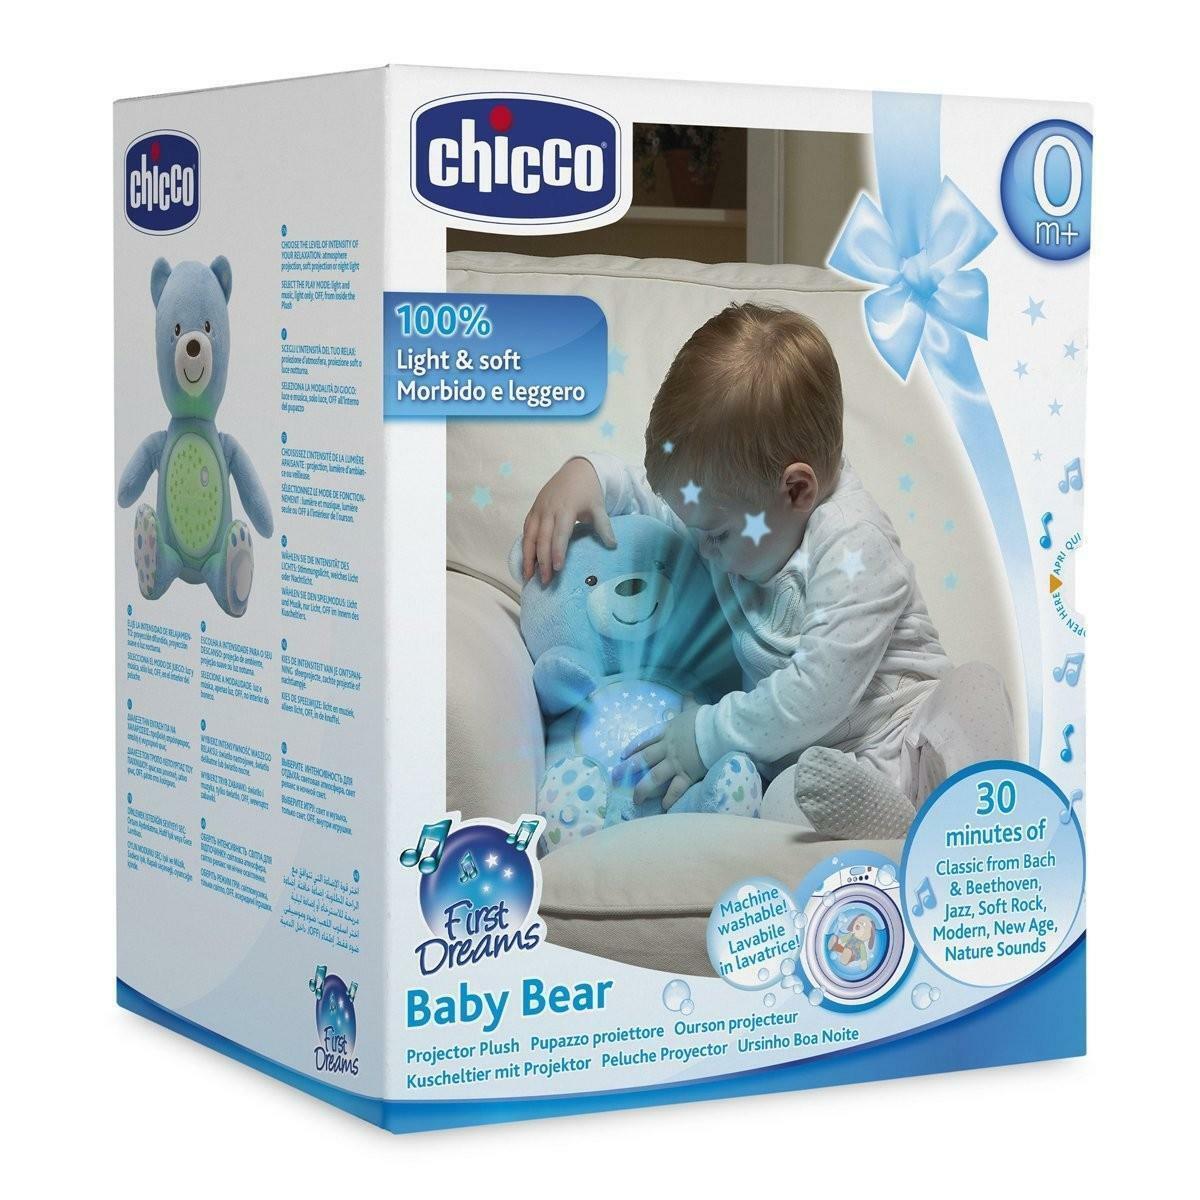 chicco chicco proiettore first dreams baby bear azzurro